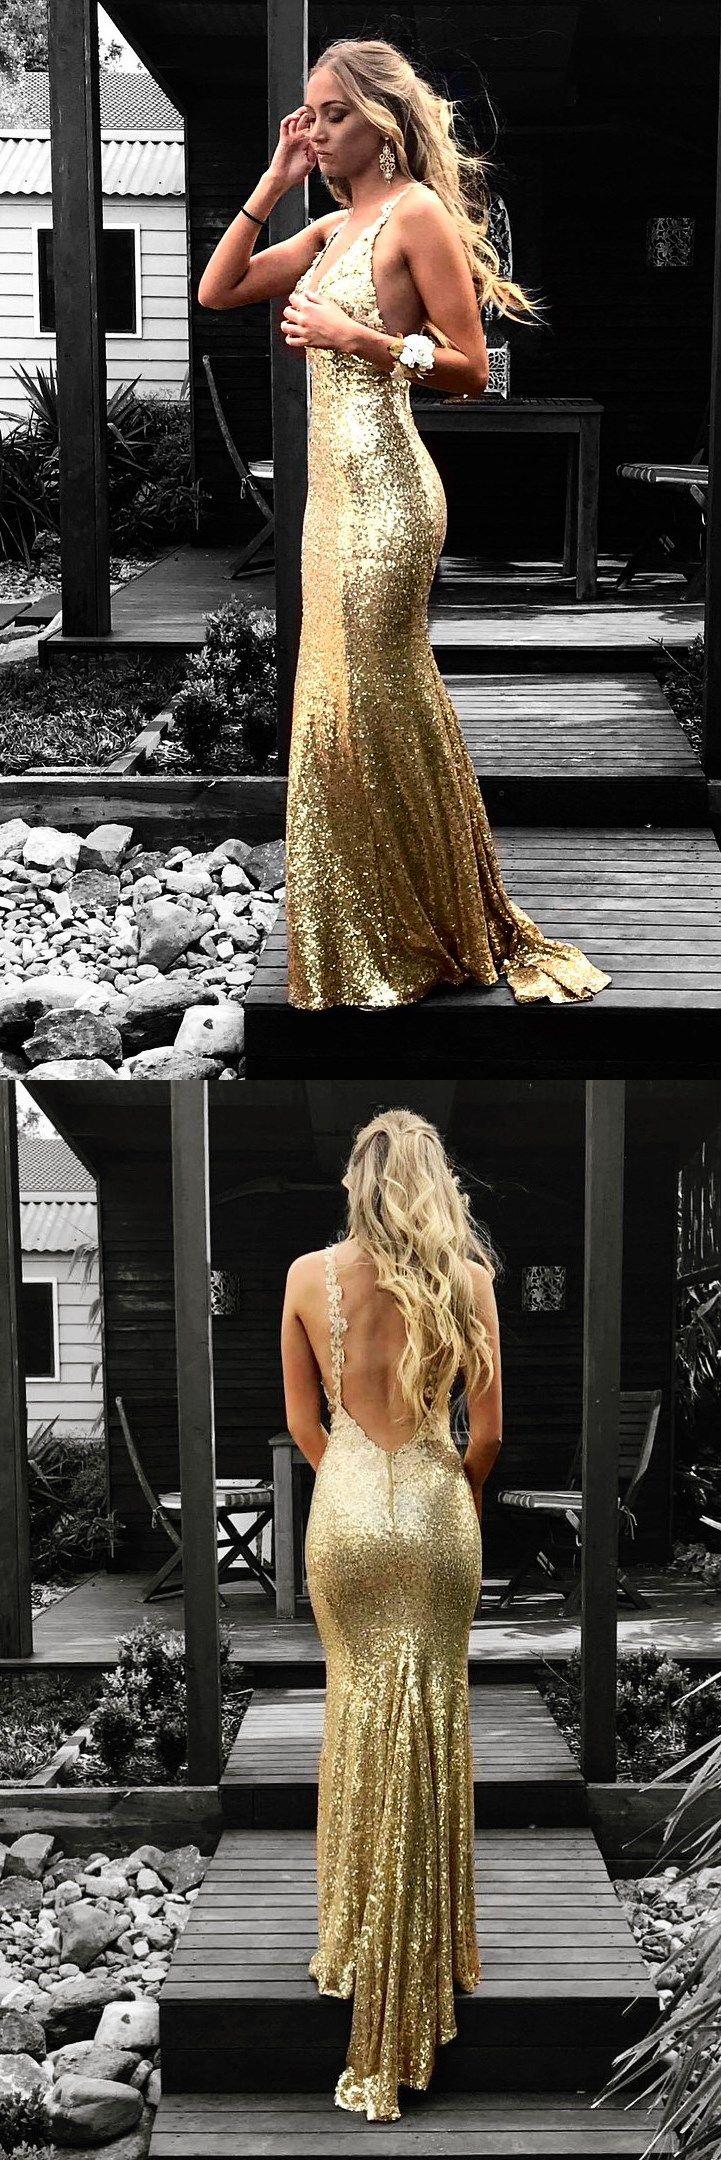 Pin On Mermaid Prom Dresses [ 2160 x 721 Pixel ]